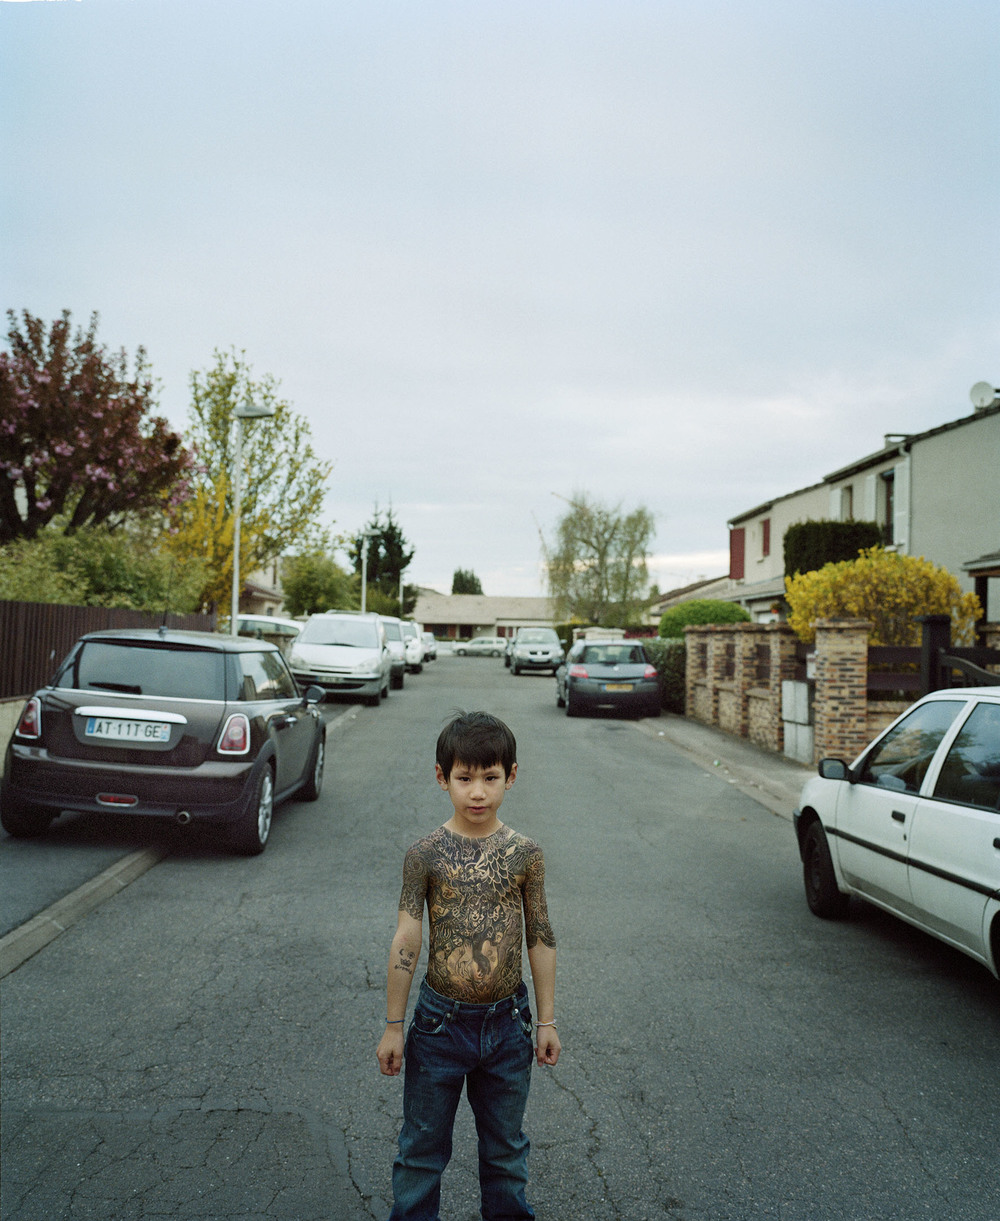 photographie / Elise Pailloncy, Eric Minh Cuong Castaing & Celeste Germe copyright Shonen & Cdc de Toulouse